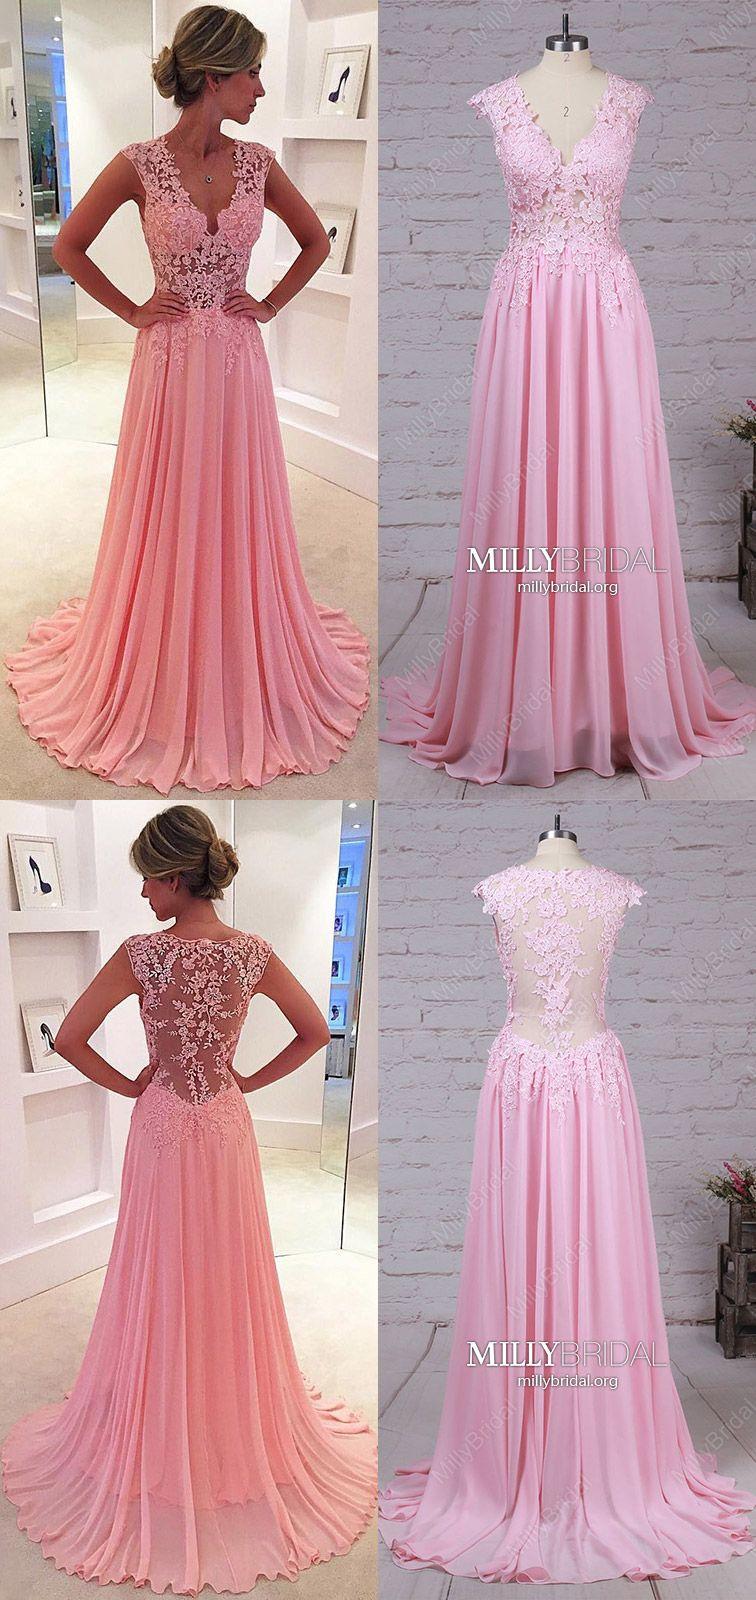 Pink prom dresses modestlong formal evening dressesvneck military